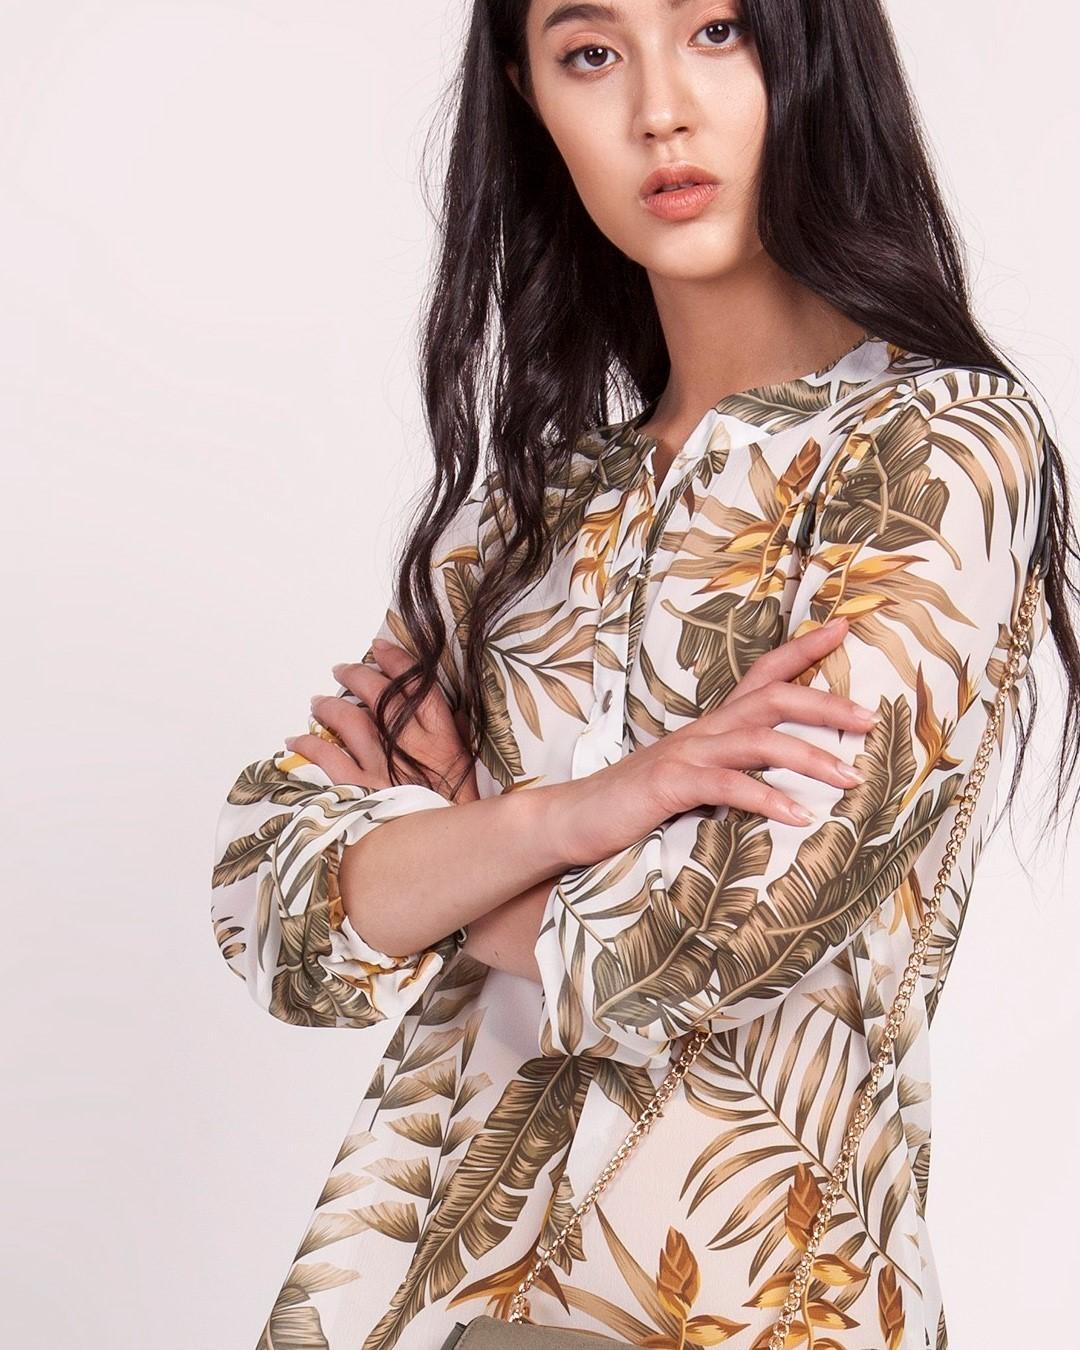 Kiedy fason jest prosty, warto zaszaleć z deseniem. #blouse #bluzka #szyfon #szyfnowabluzka #fashionstyle #lekkabluzka #wzory #tropicalvibes #tropicalplants